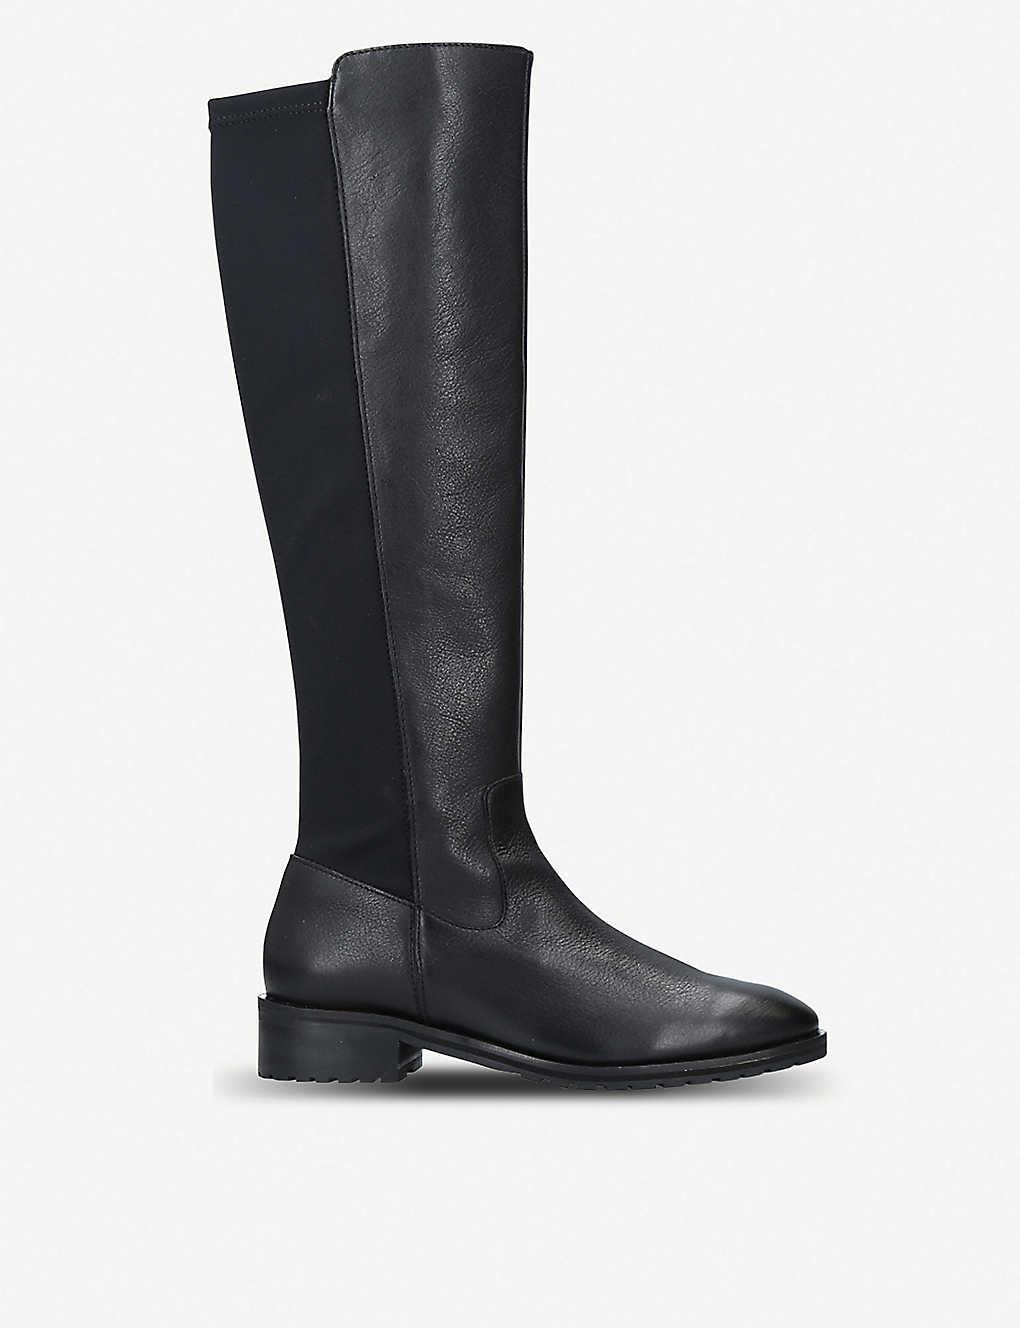 Leather Boots London Rayko Kurt Geiger w04BwqWZF